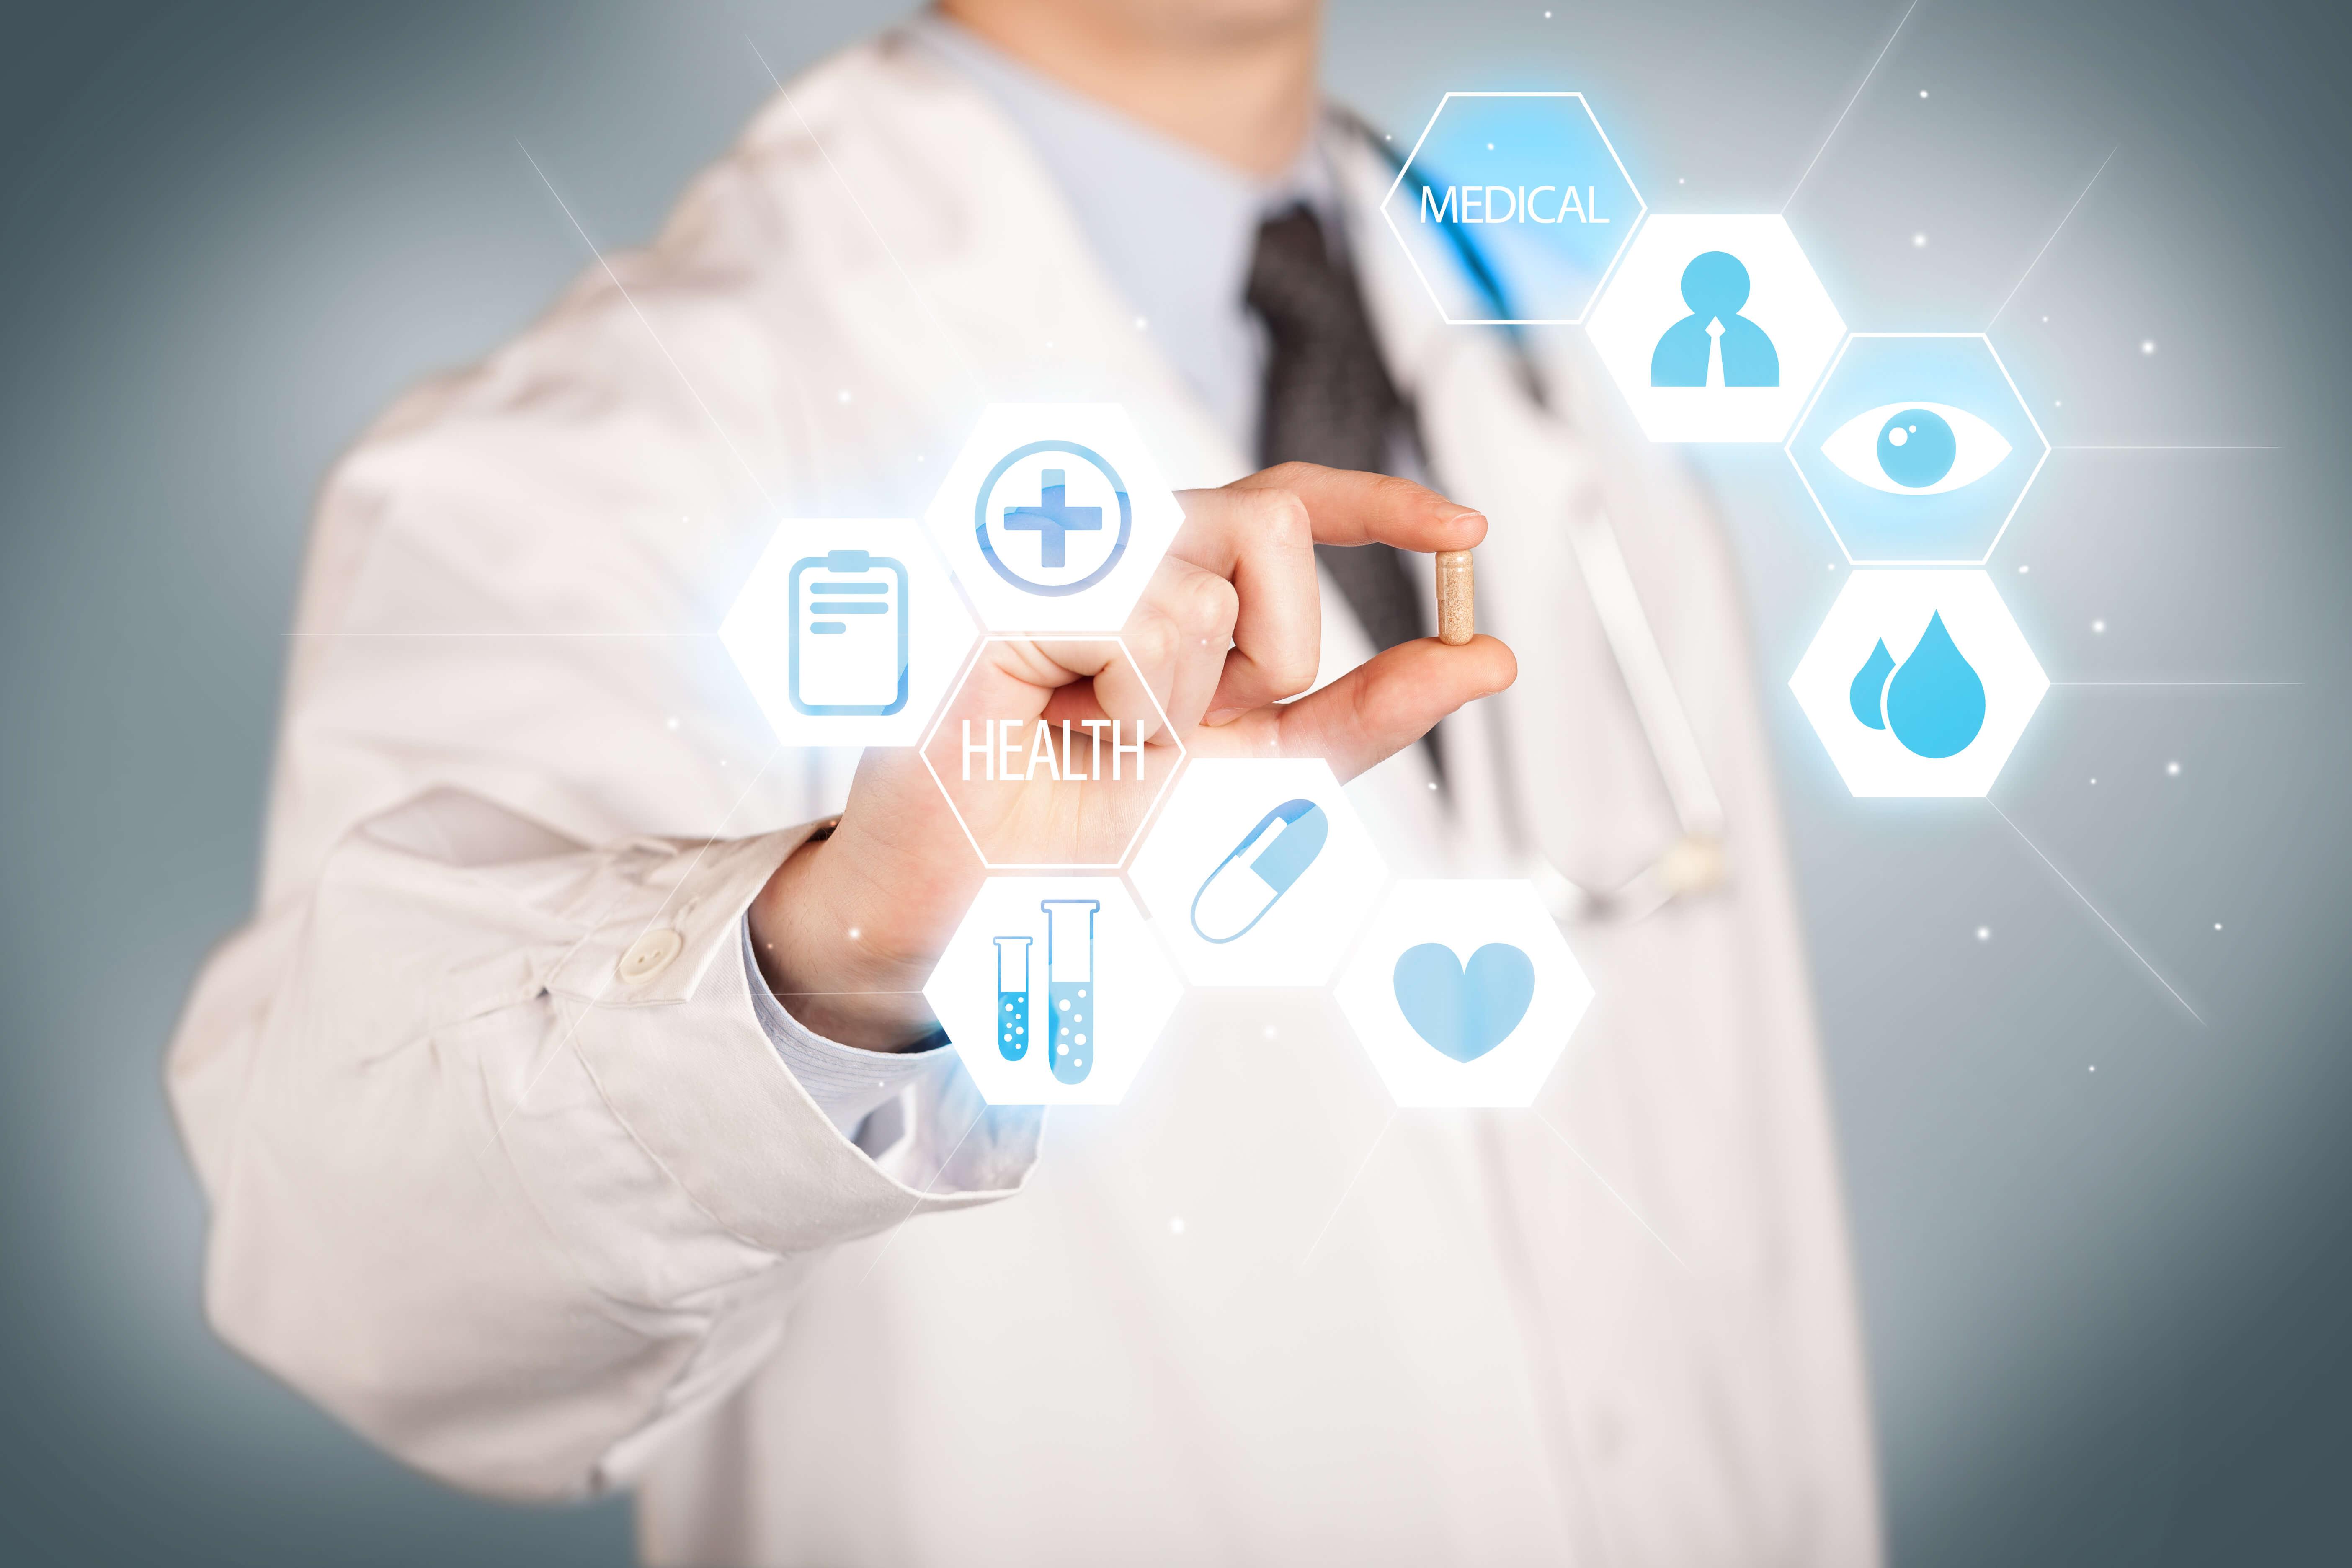 Marketing médico: 4 dicas para tornar a sua clínica conhecida